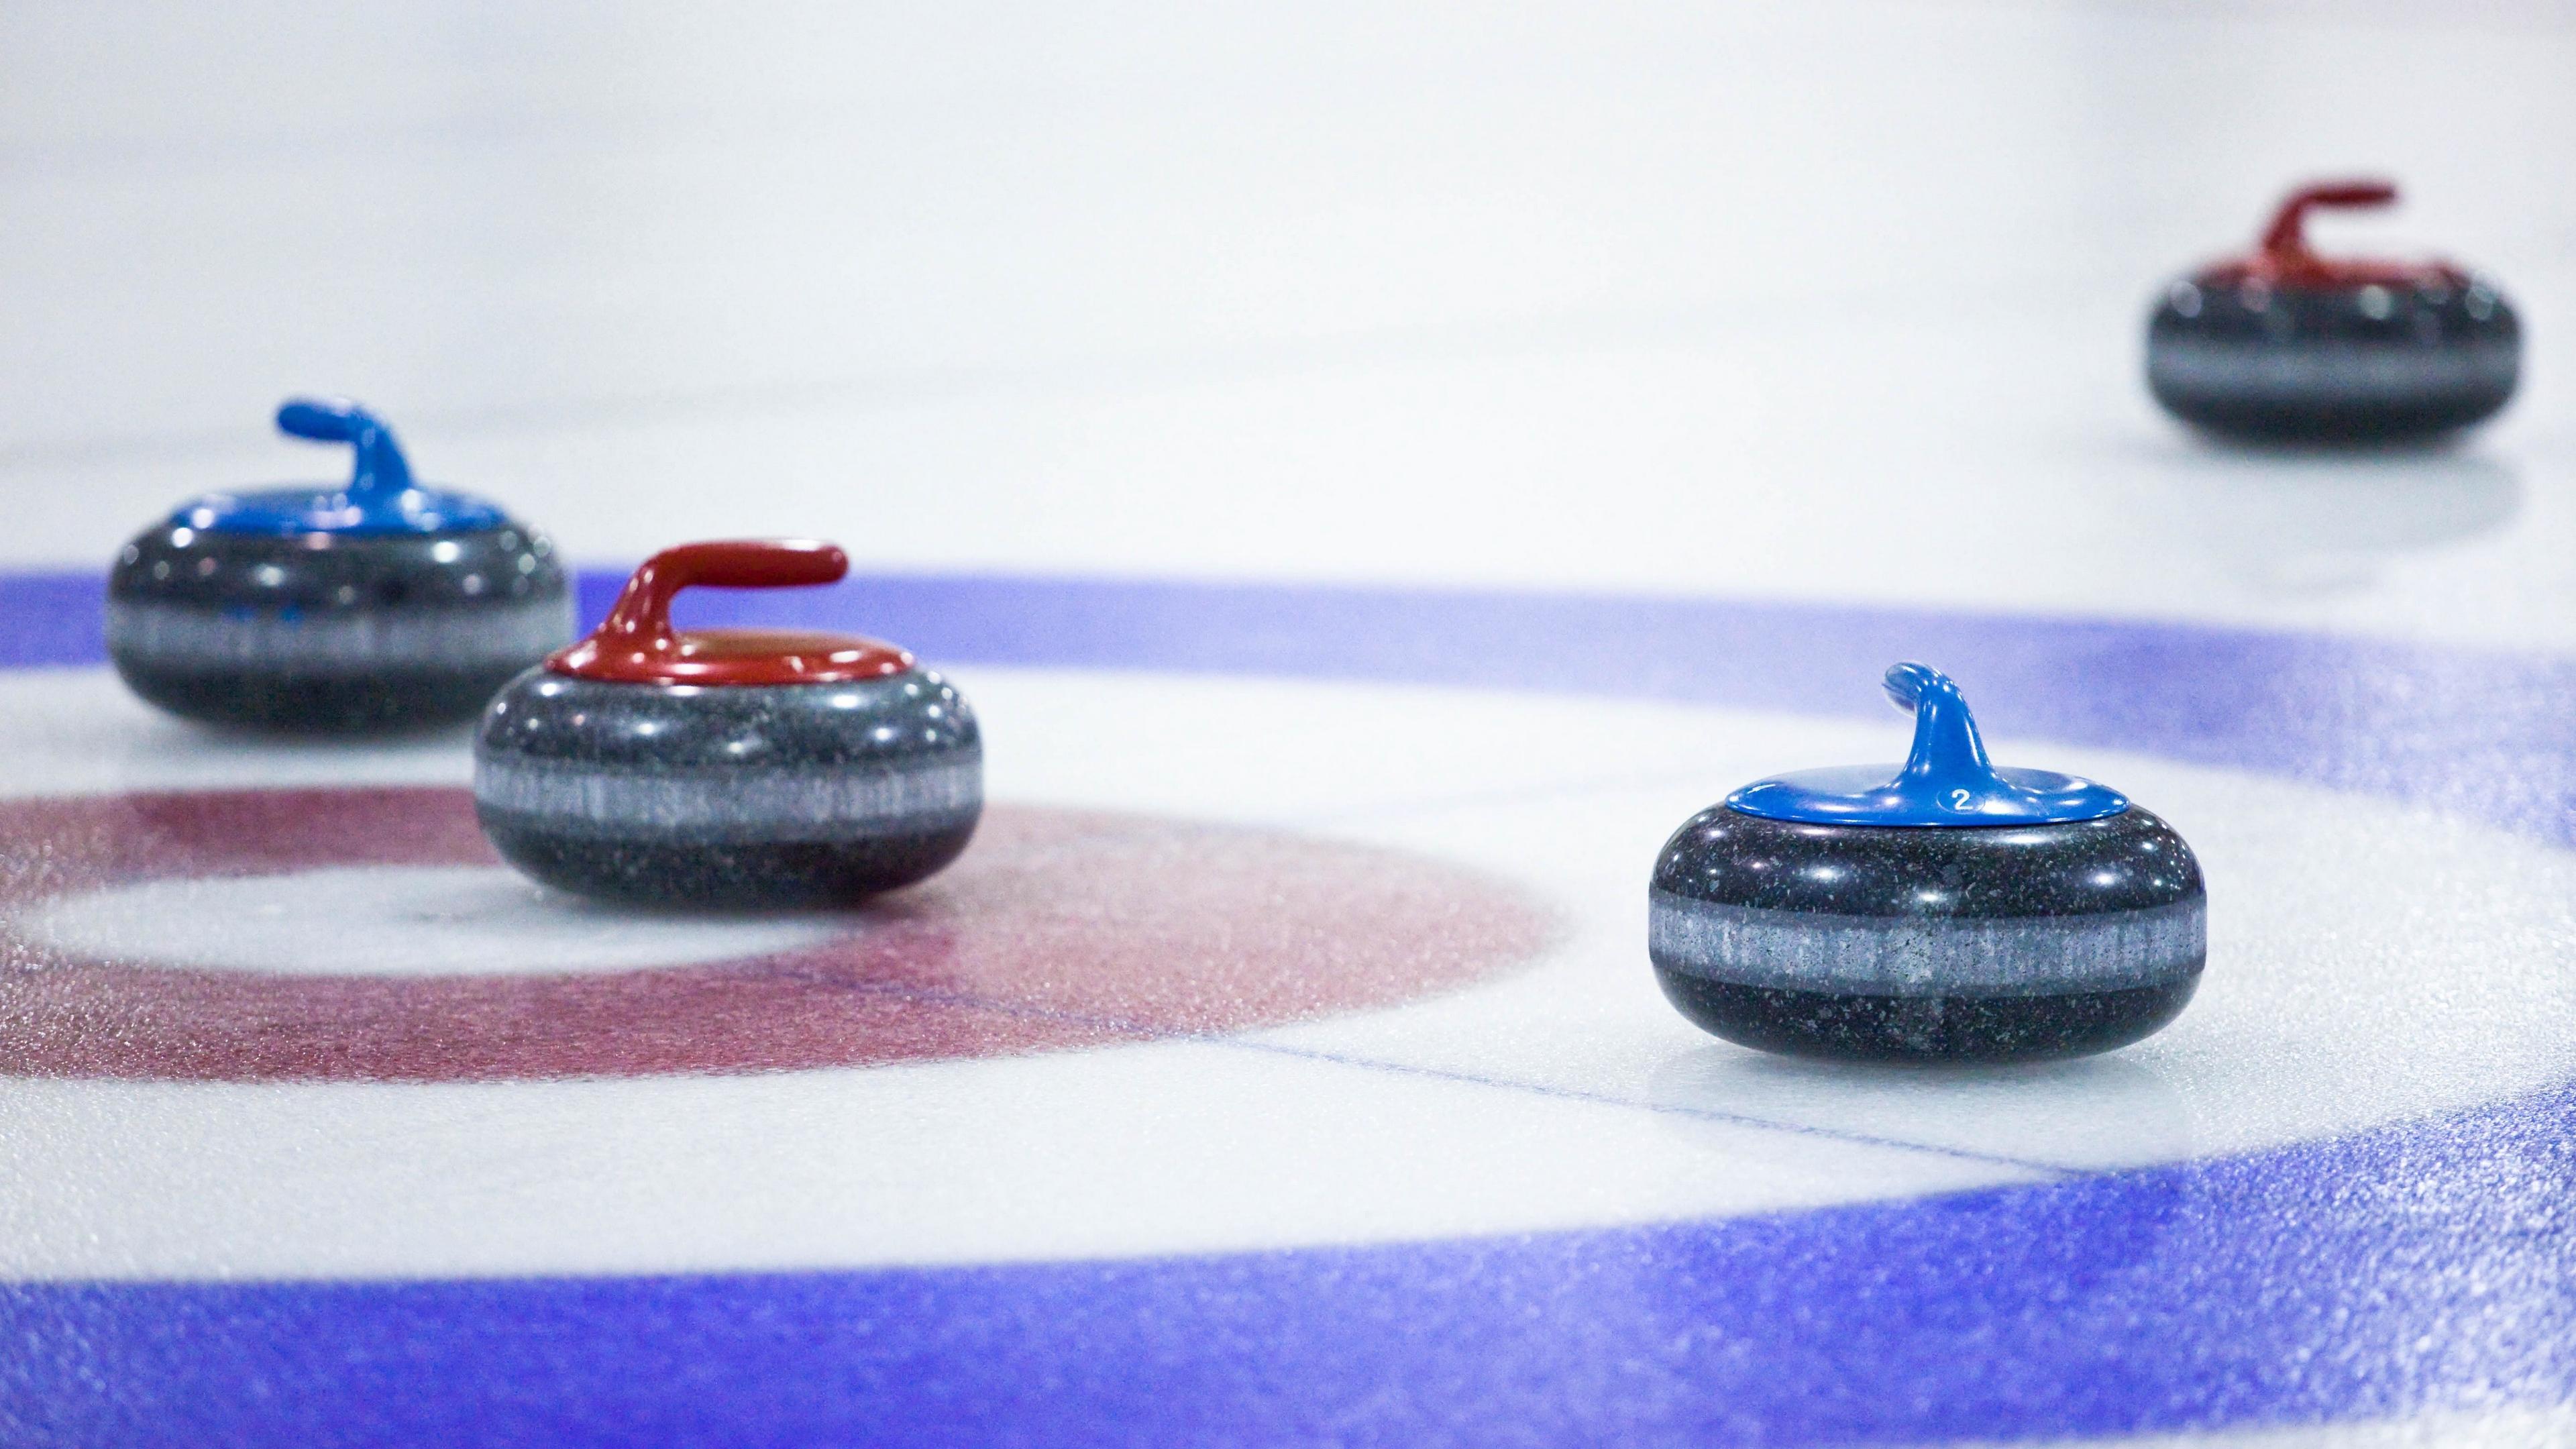 sport curling winter olympics 4k 1540061242 - sport, curling, winter olympics 4k - winter olympics, Sport, curling